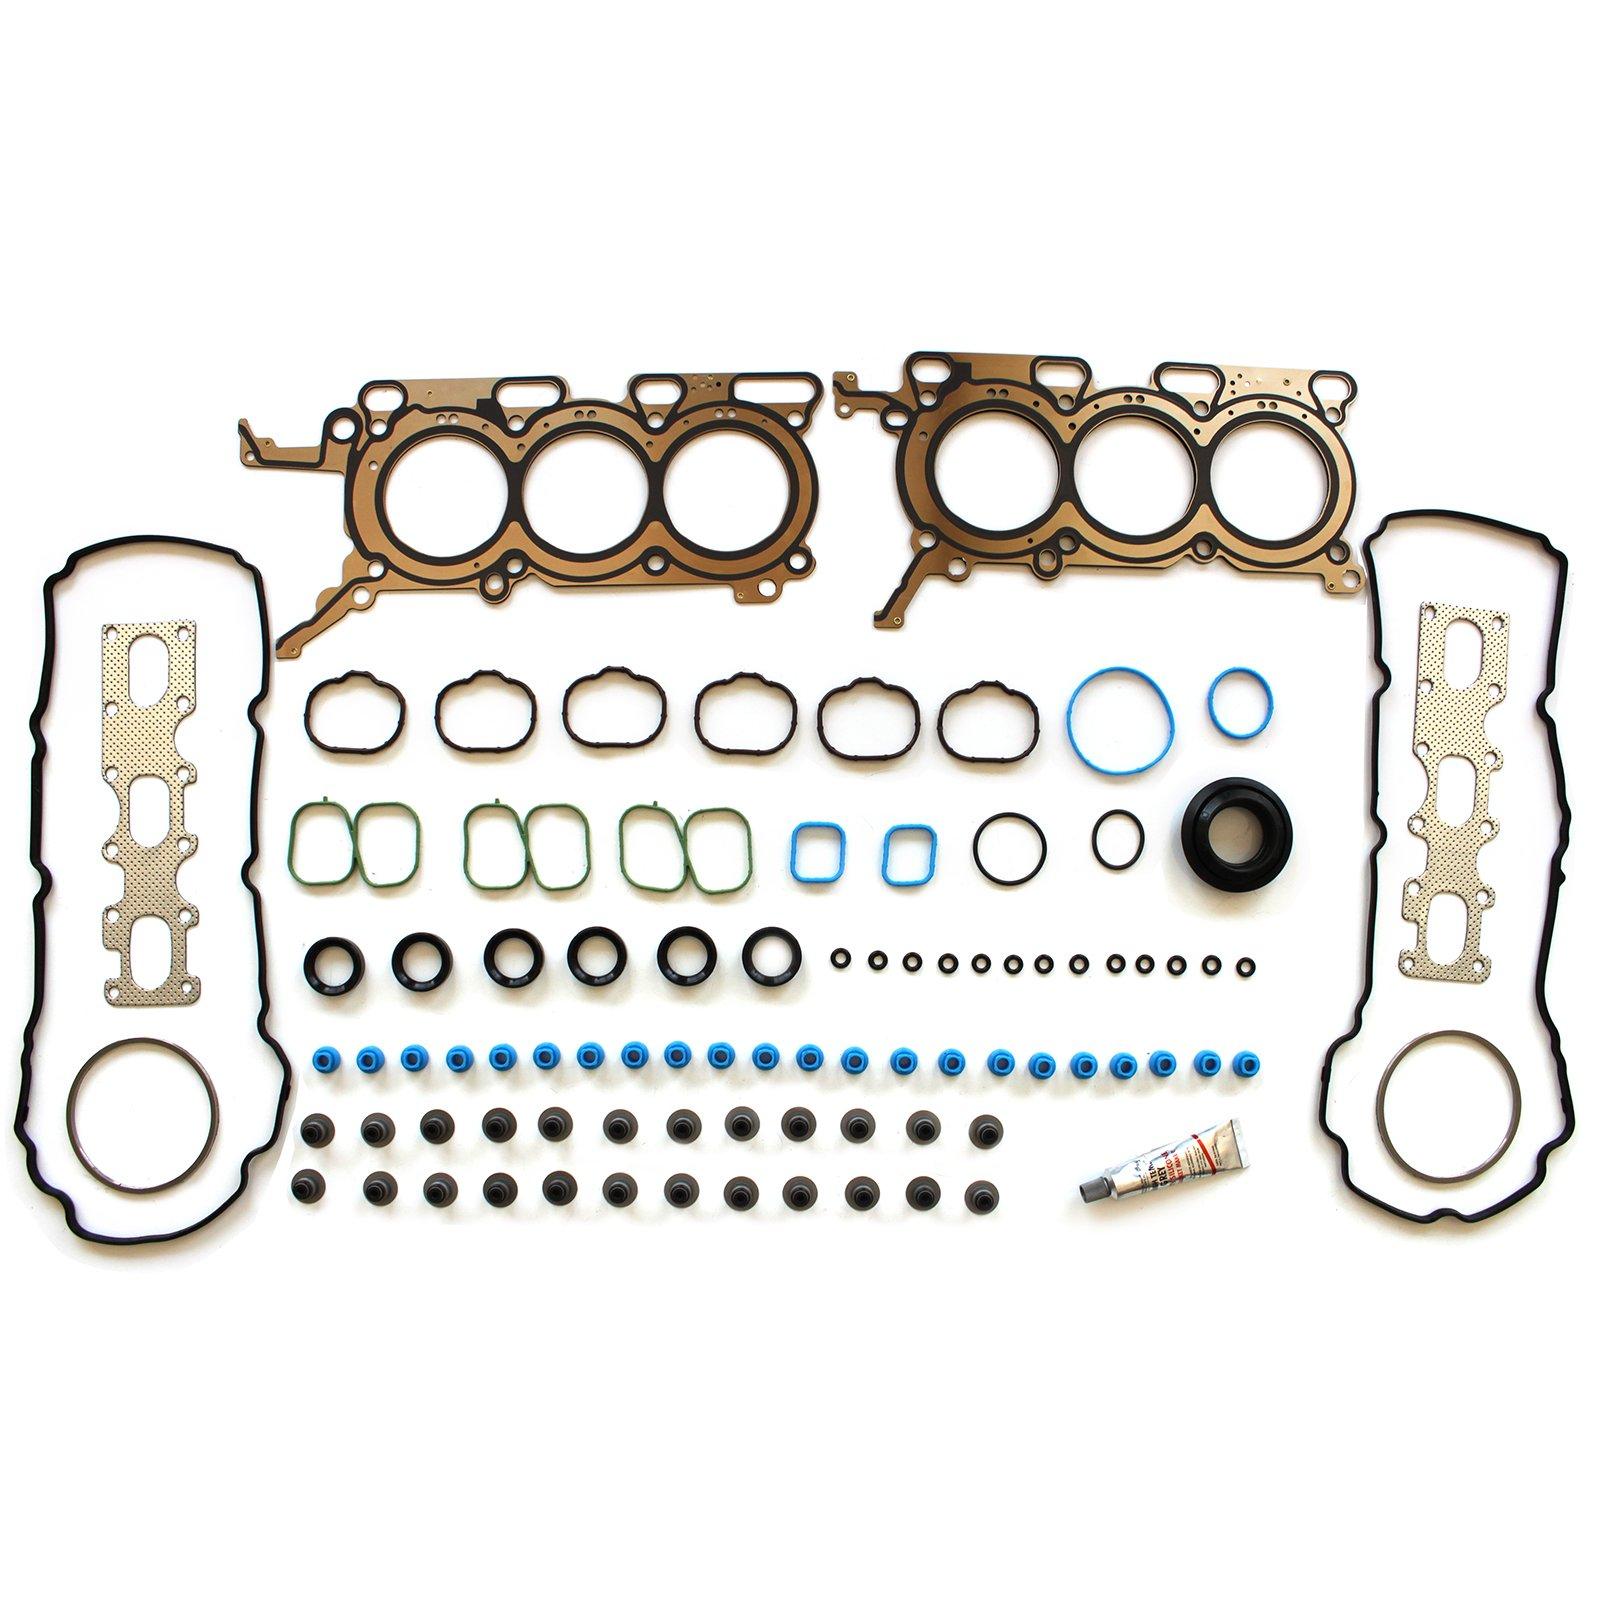 Head Gasket Set Kit Fit For 2002-2005 BUICK RENDEZVOUS 3.4L 207CID V6 OHV